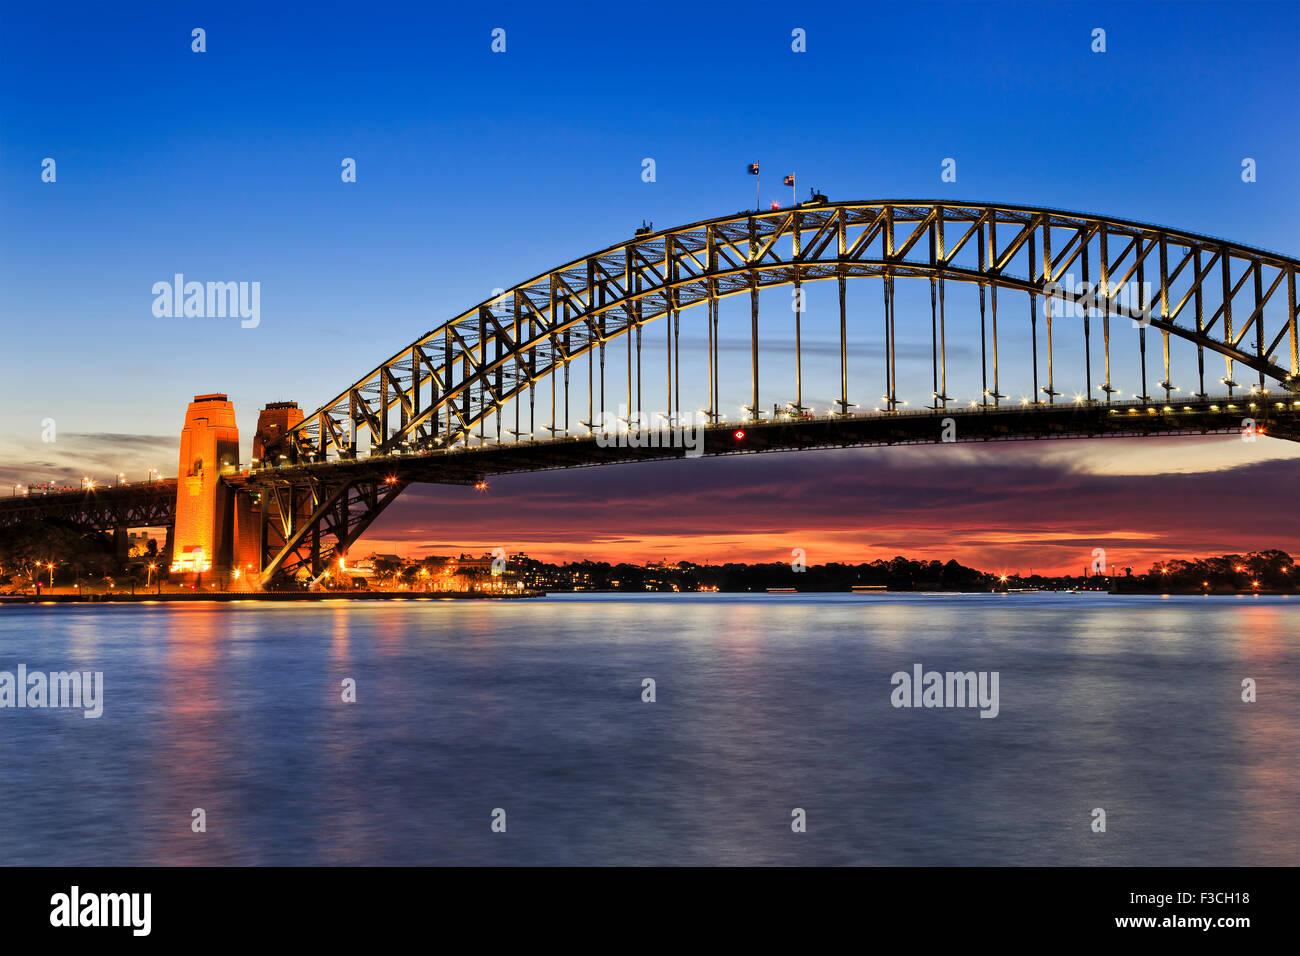 Vista lateral del puente del puerto de Sydney al amanecer con Scarlett la luz solar y la iluminación del arco Imagen De Stock